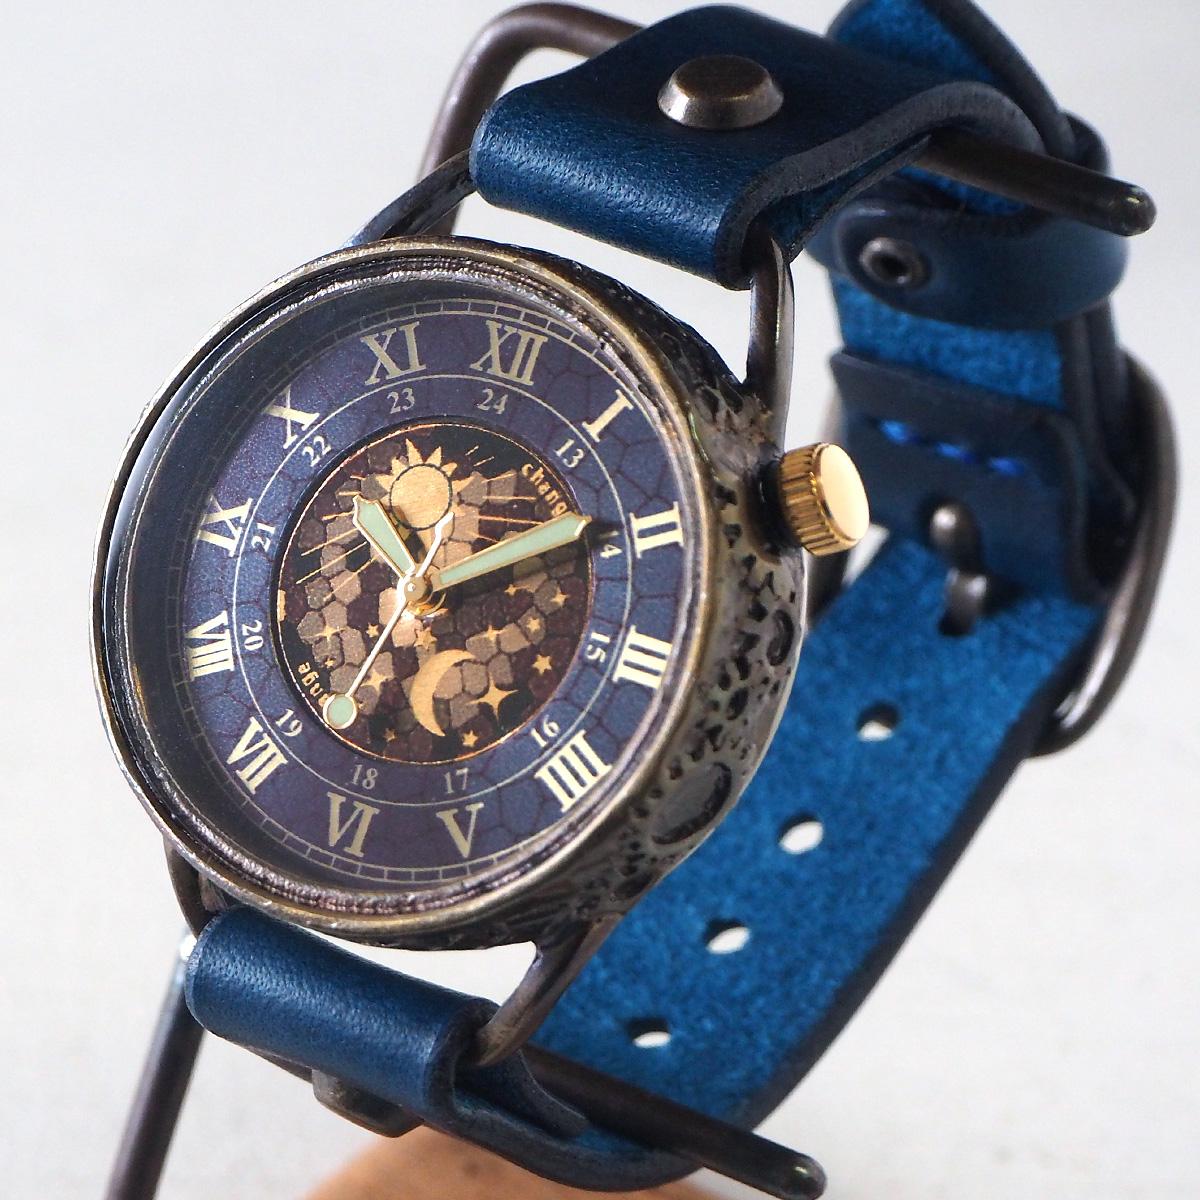 KINO(キノ) 手作り腕時計 チェンジワールド SUN&MOON ブルー [L-13-BL]